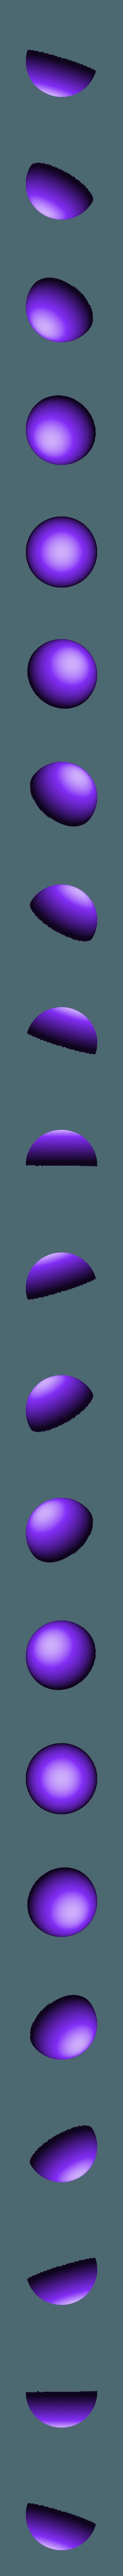 lolololo.stl Télécharger fichier STL gratuit boule voronoi • Modèle à imprimer en 3D, juanpix